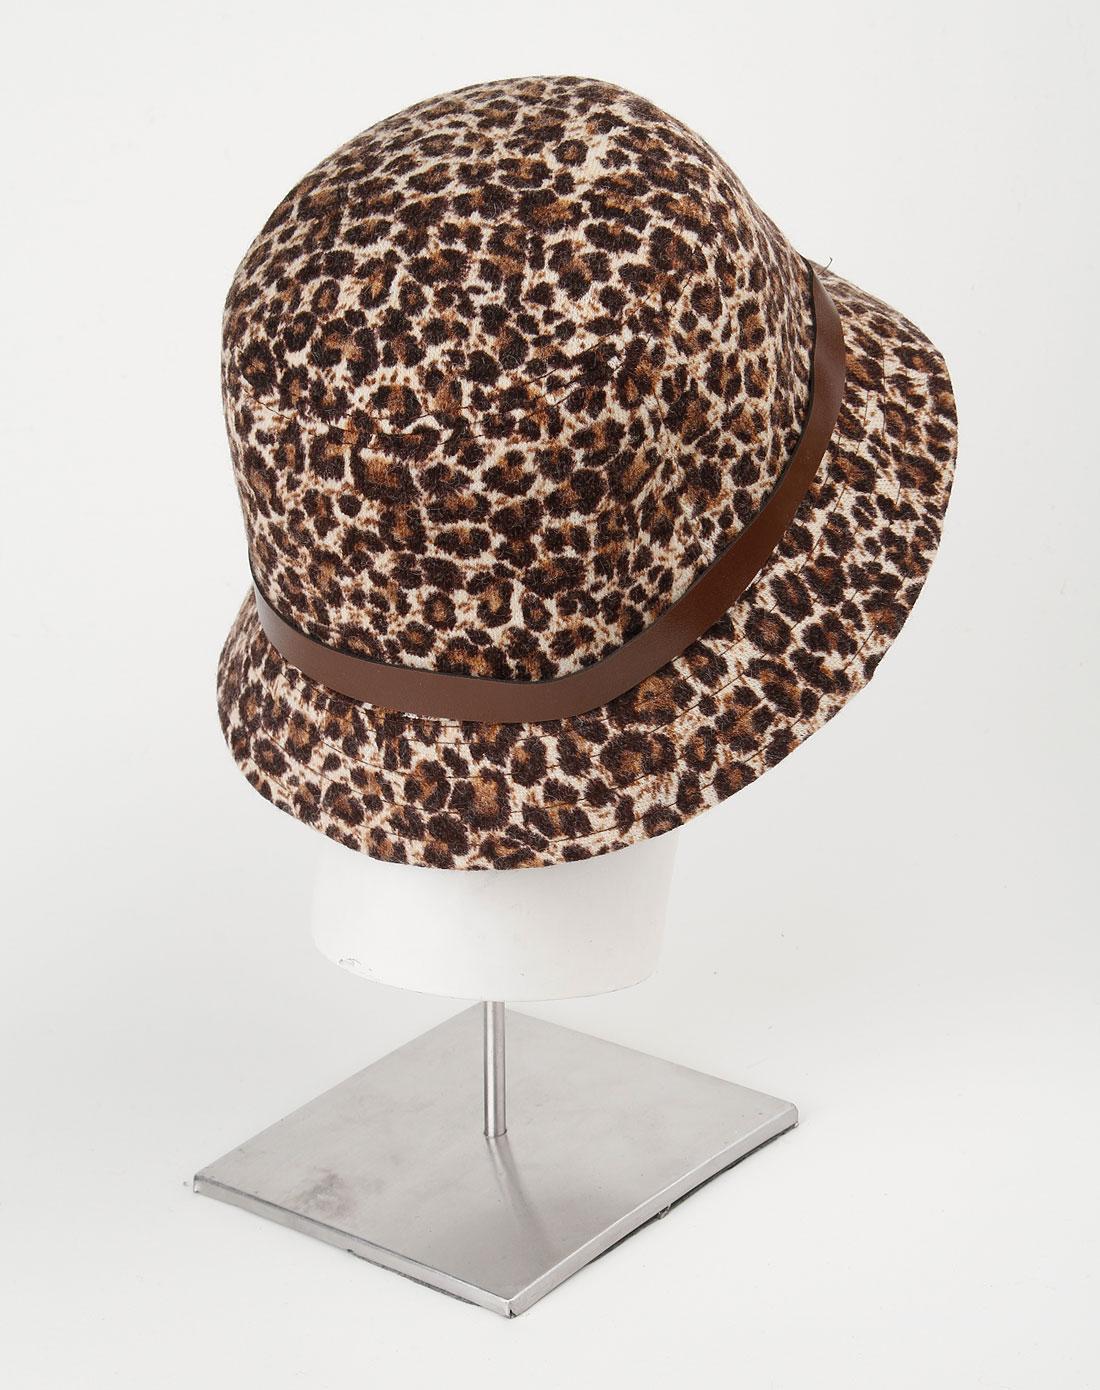 米白/黑色印花时尚帽子